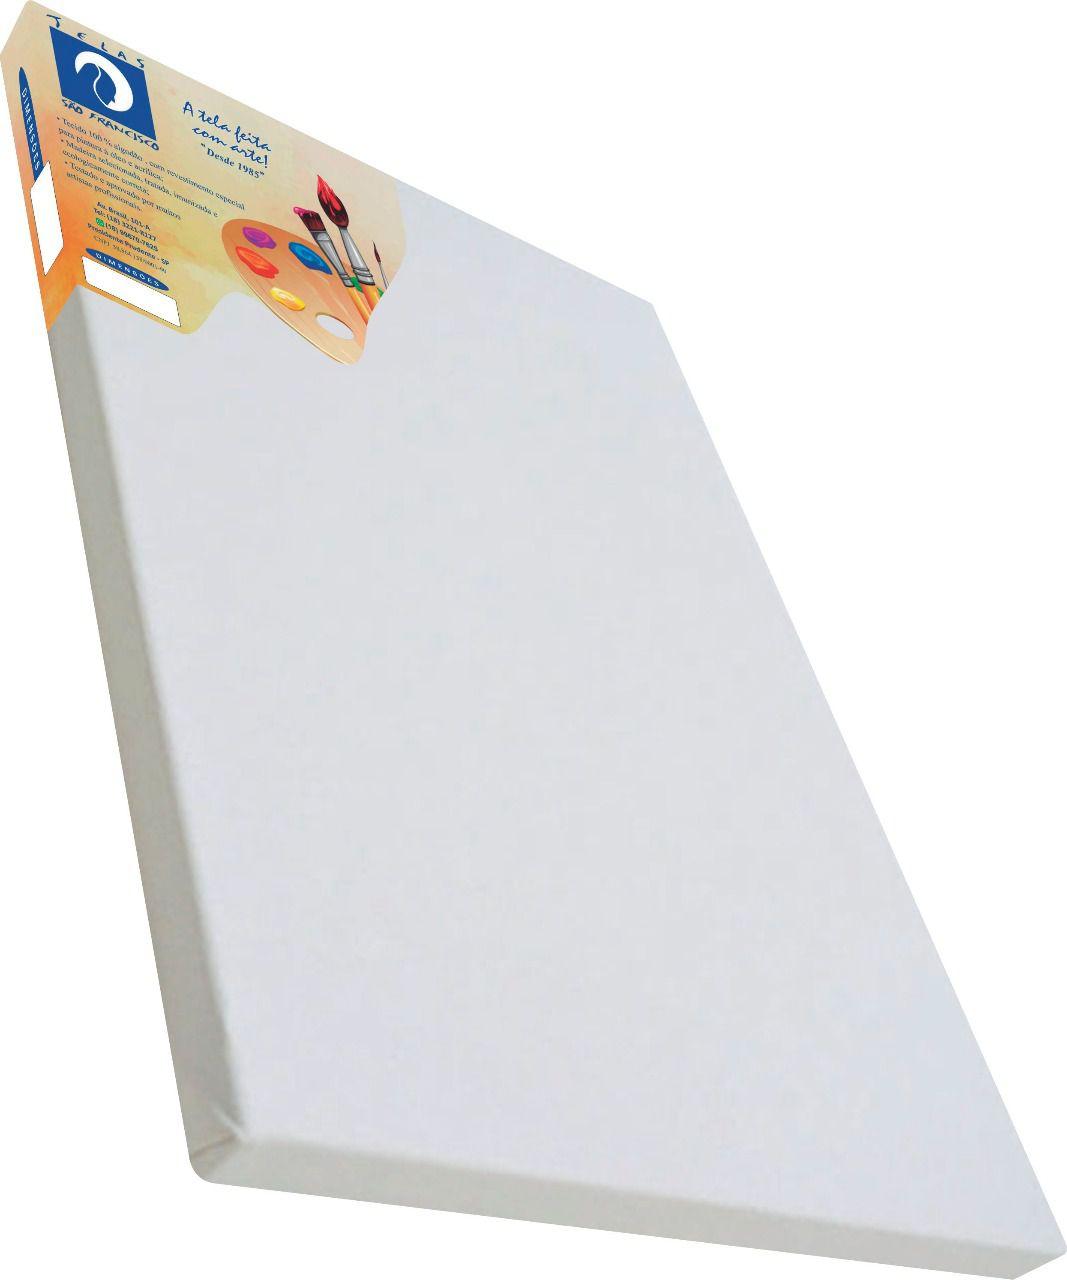 Tela painel para pintura 20x30cm - São Francisco